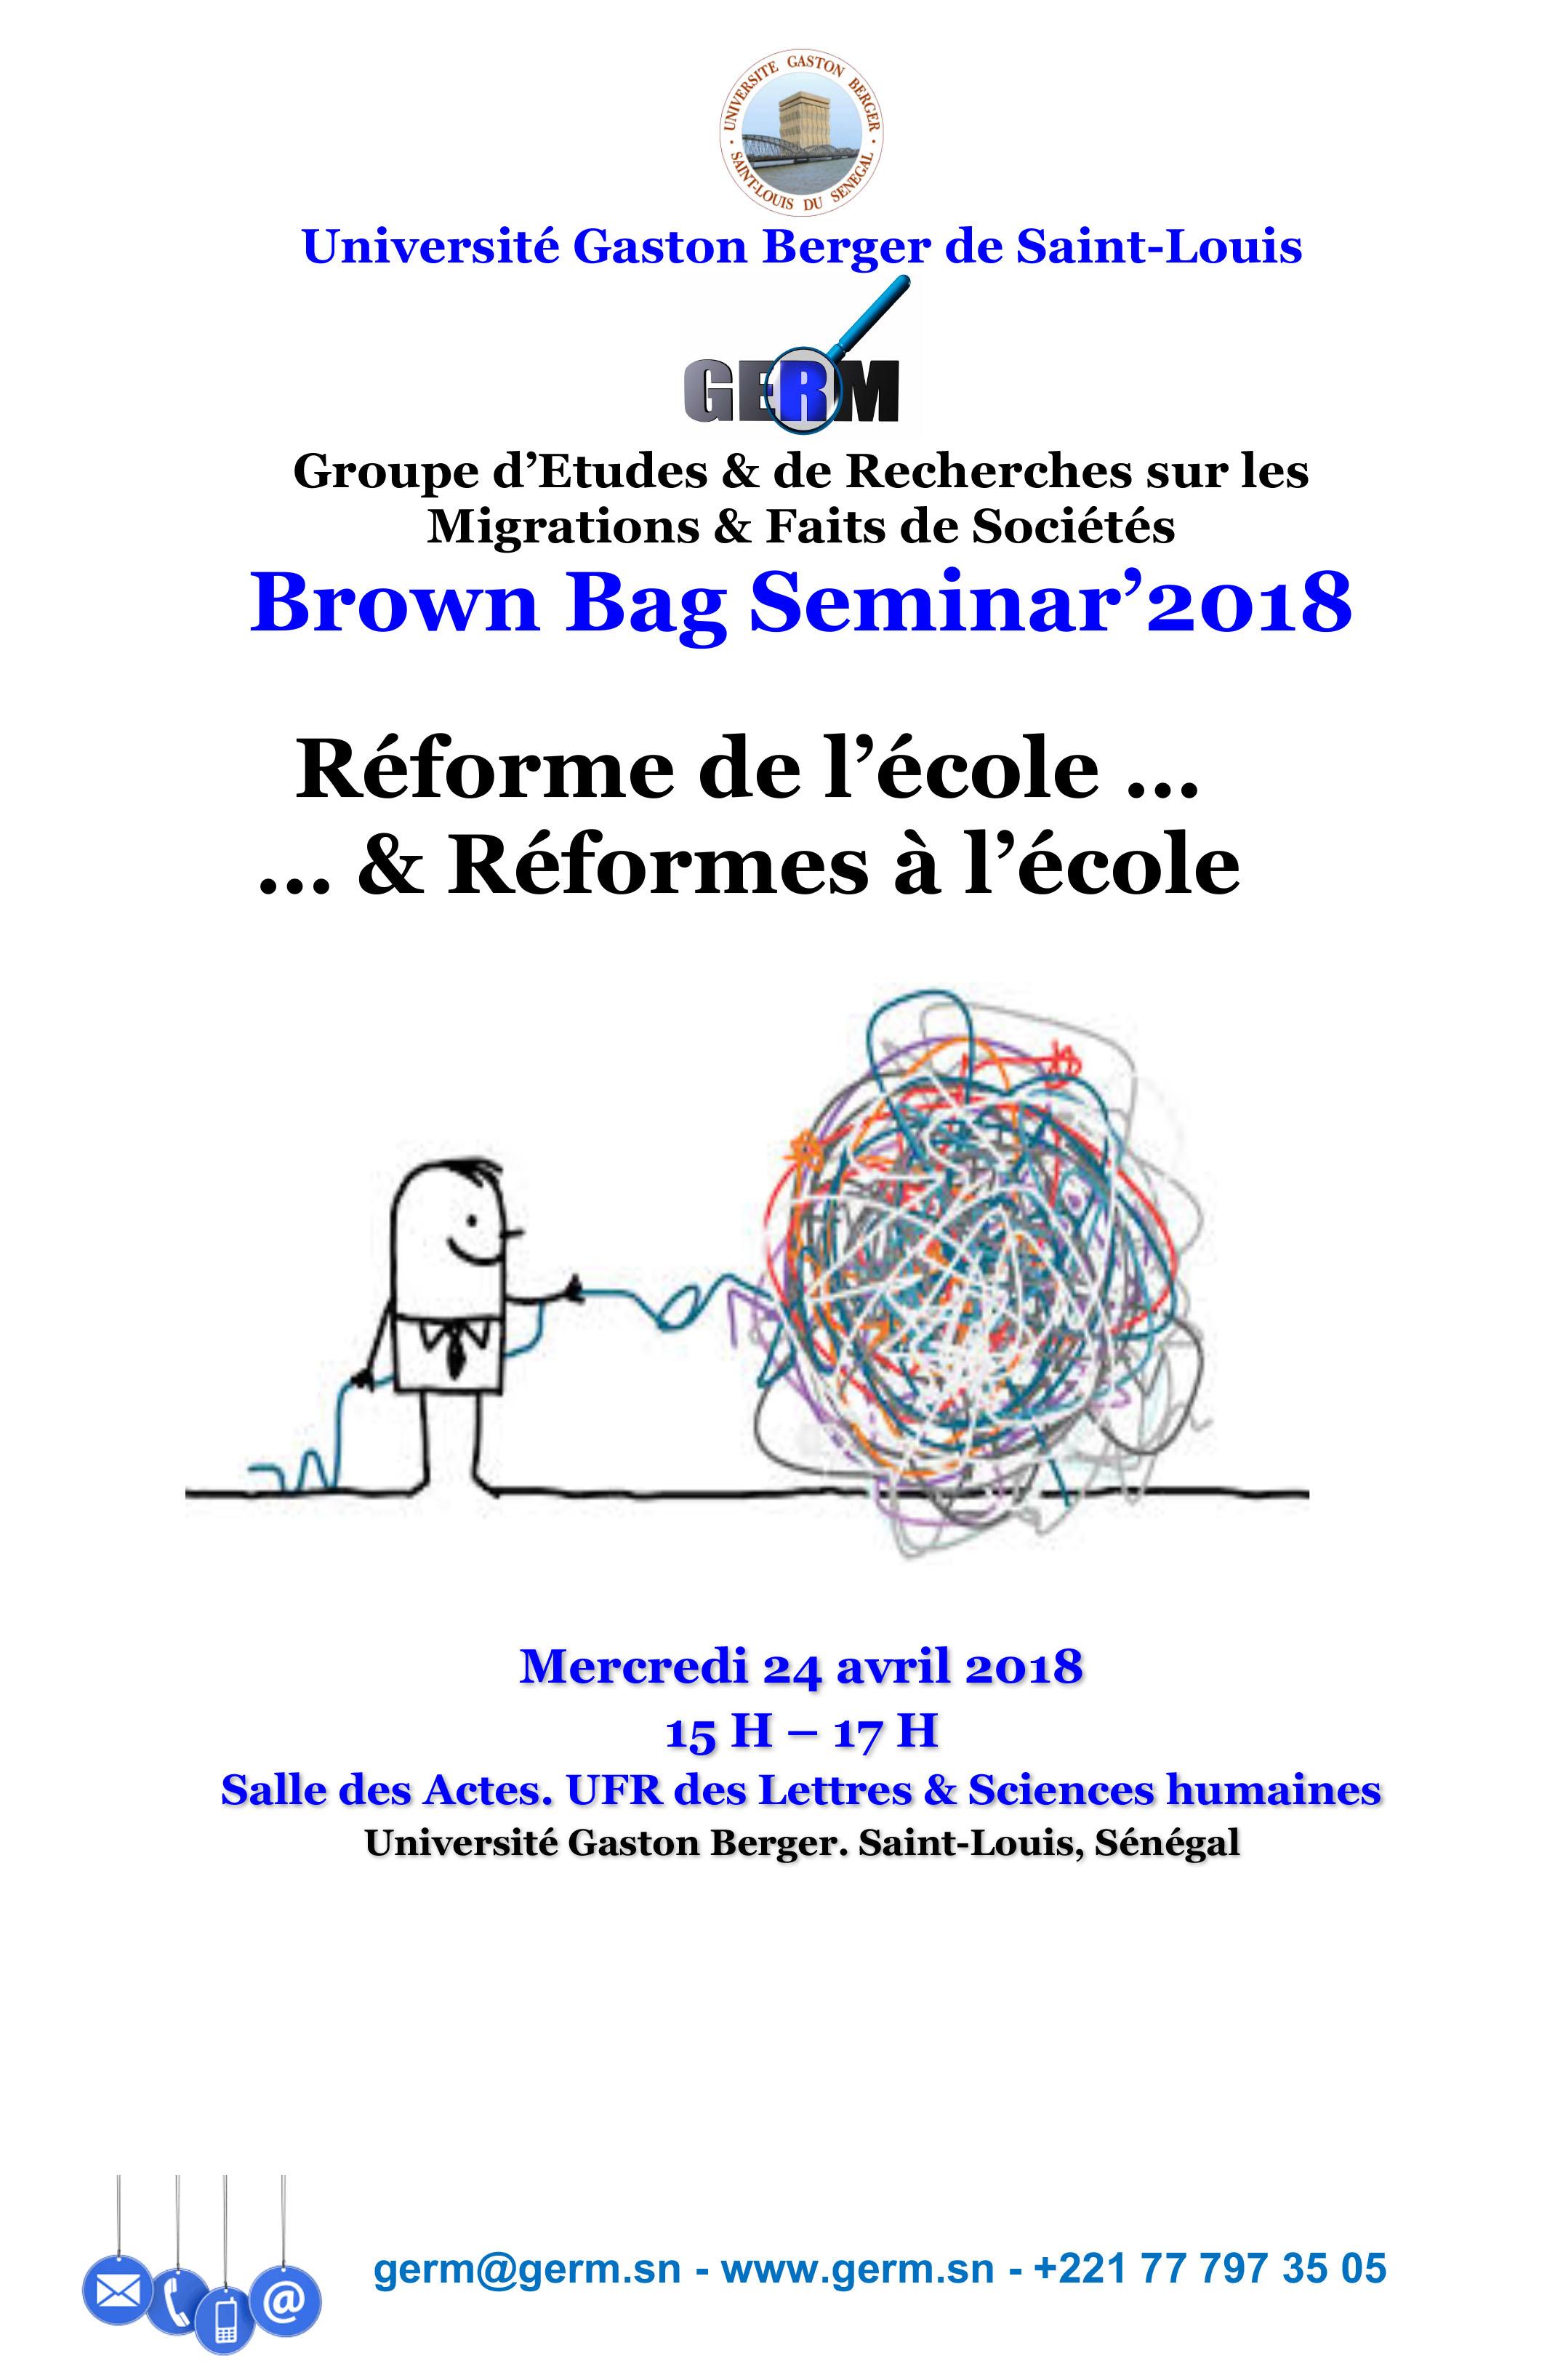 Cambio De Clase Porno Hot brown bag seminar'2018 – réforme de l'école … … & réformes à